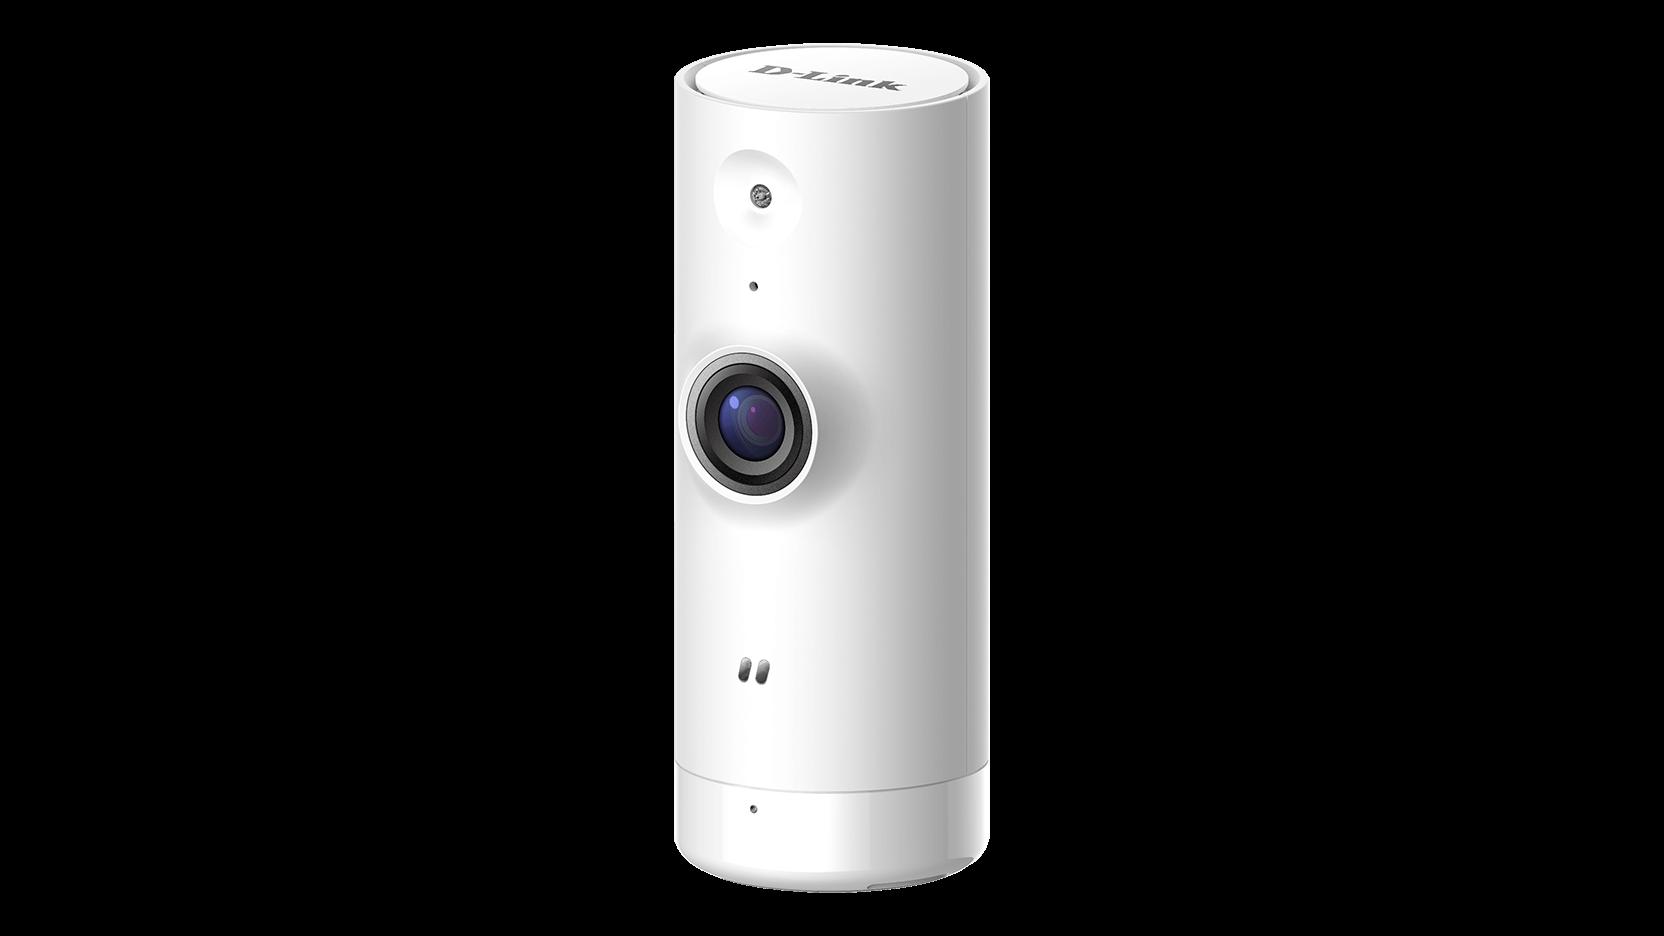 D-Link DCS 8000LH - Netzwerk-Überwachungskamera - Farbe (Tag&Nacht) - 1280 x 720 - 720p - Audio - drahtlos - Wi-Fi - H.264